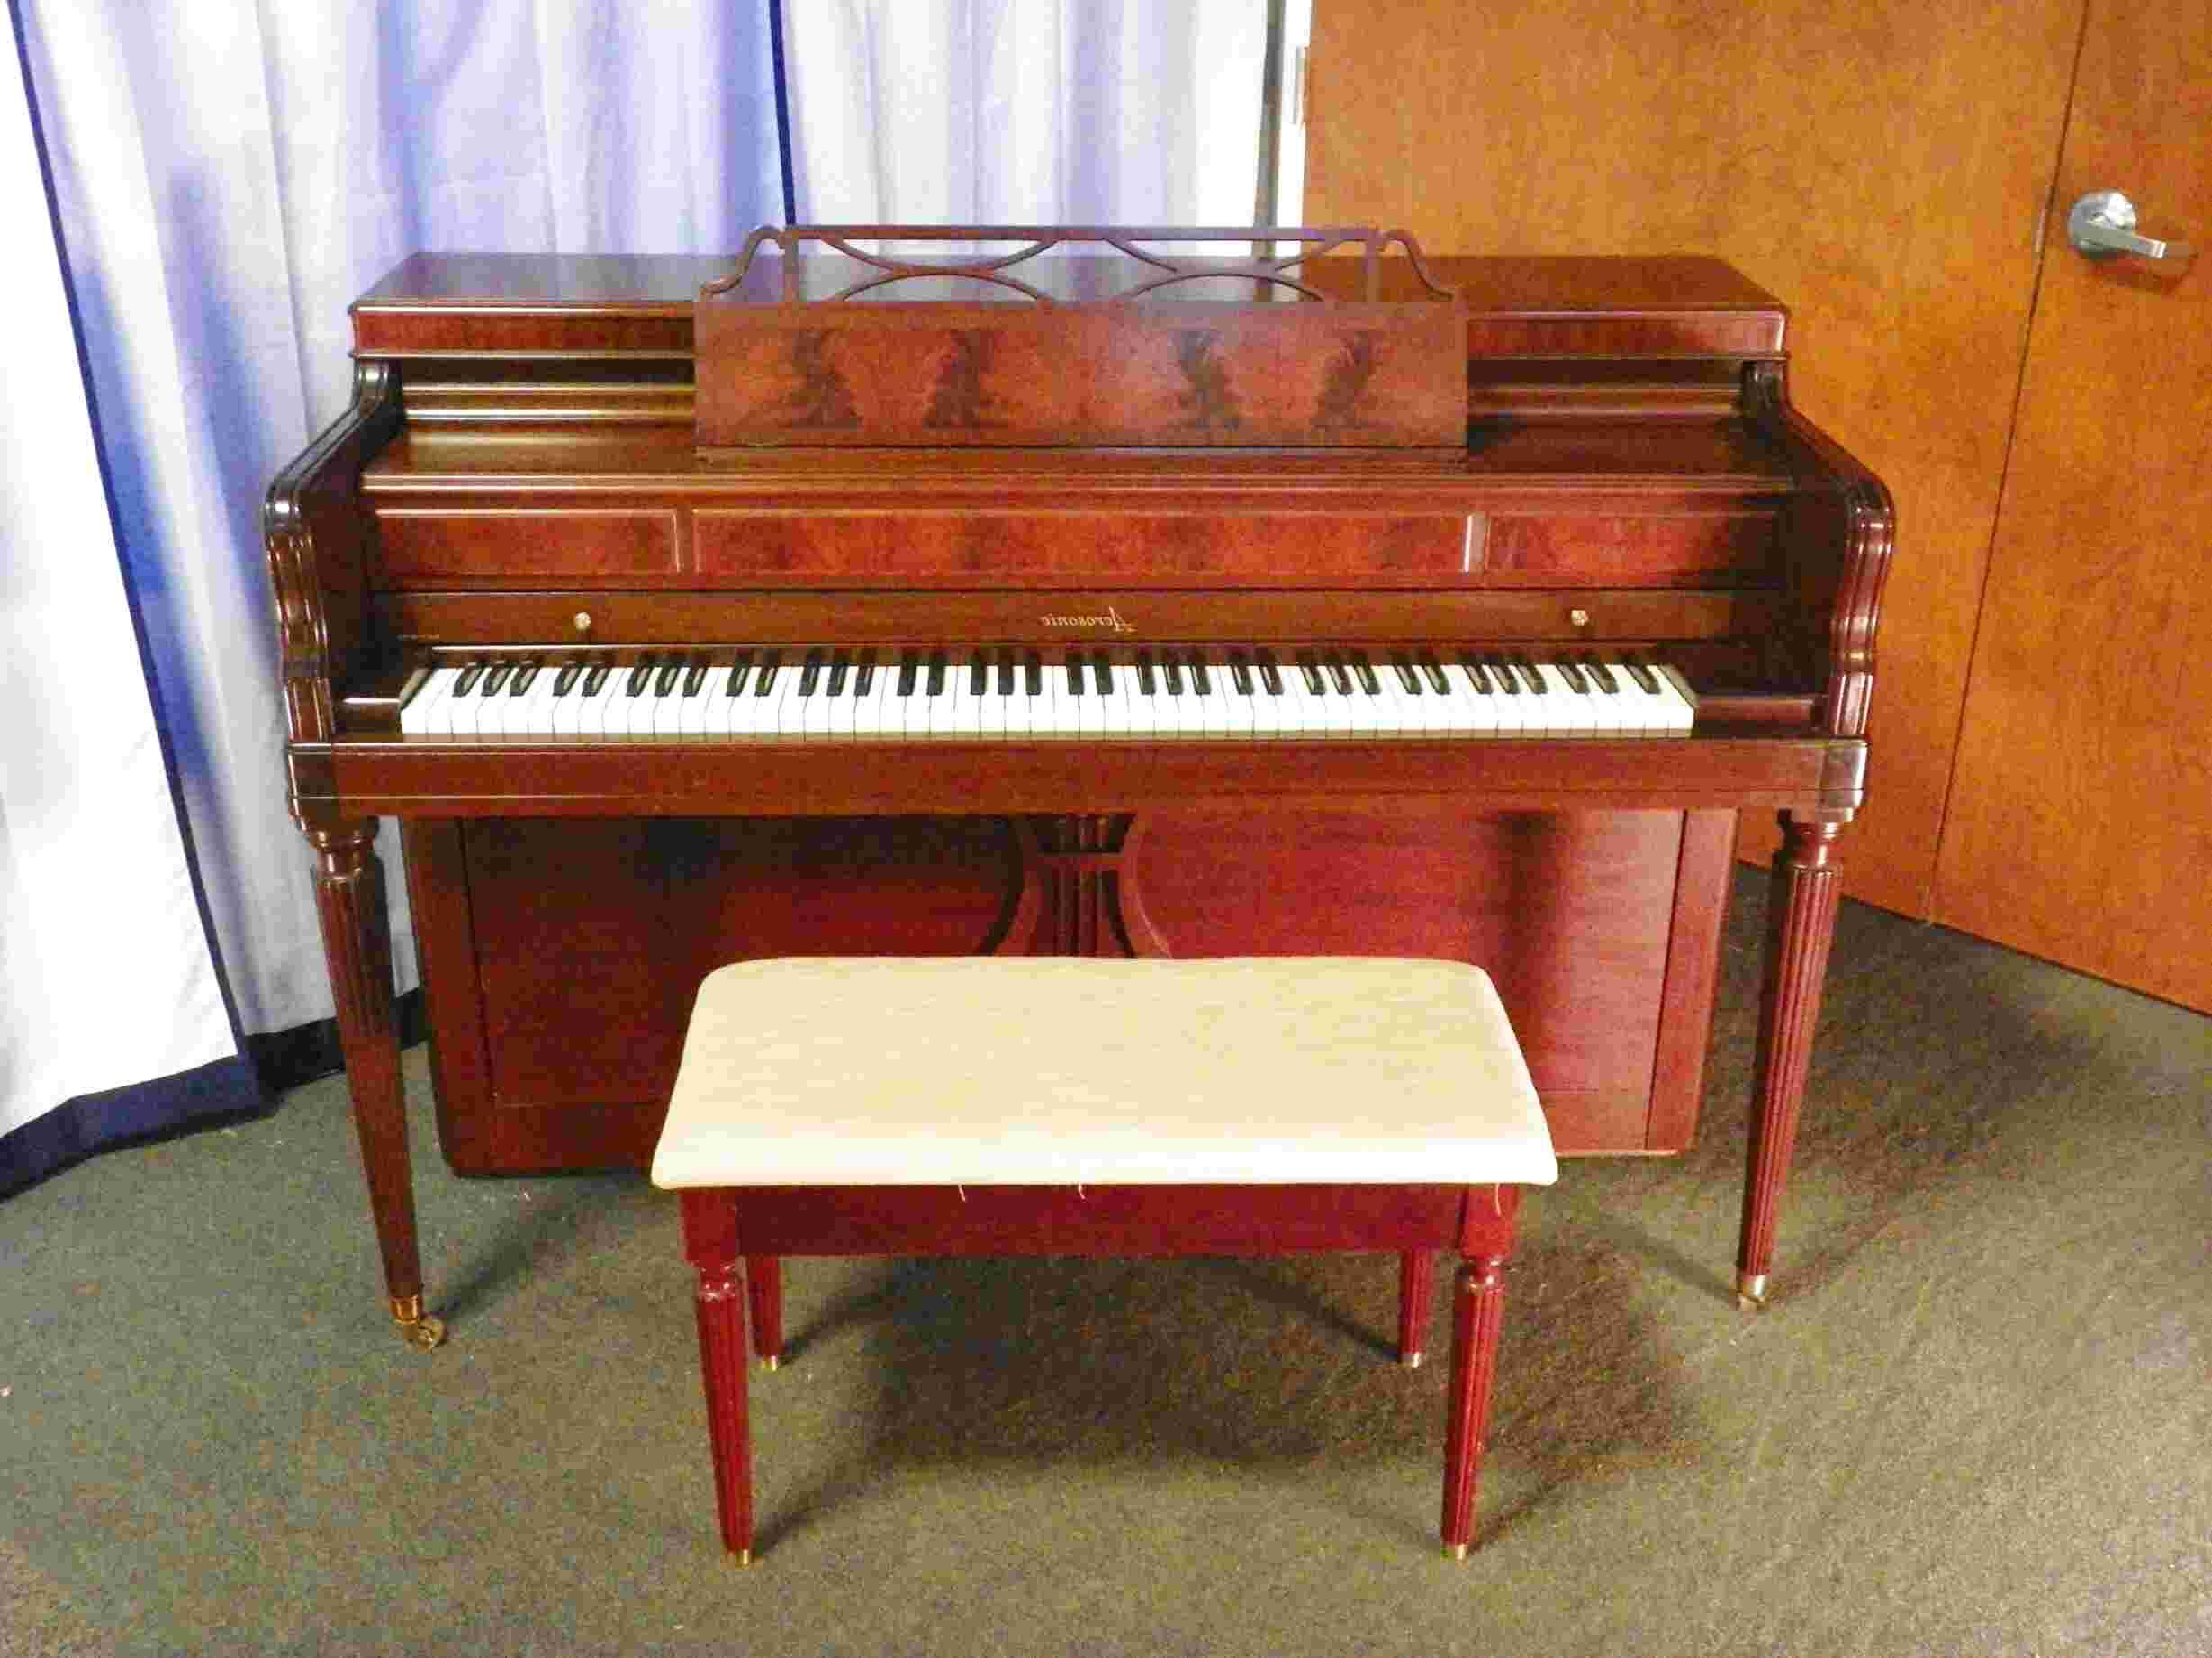 acrosonic piano for sale